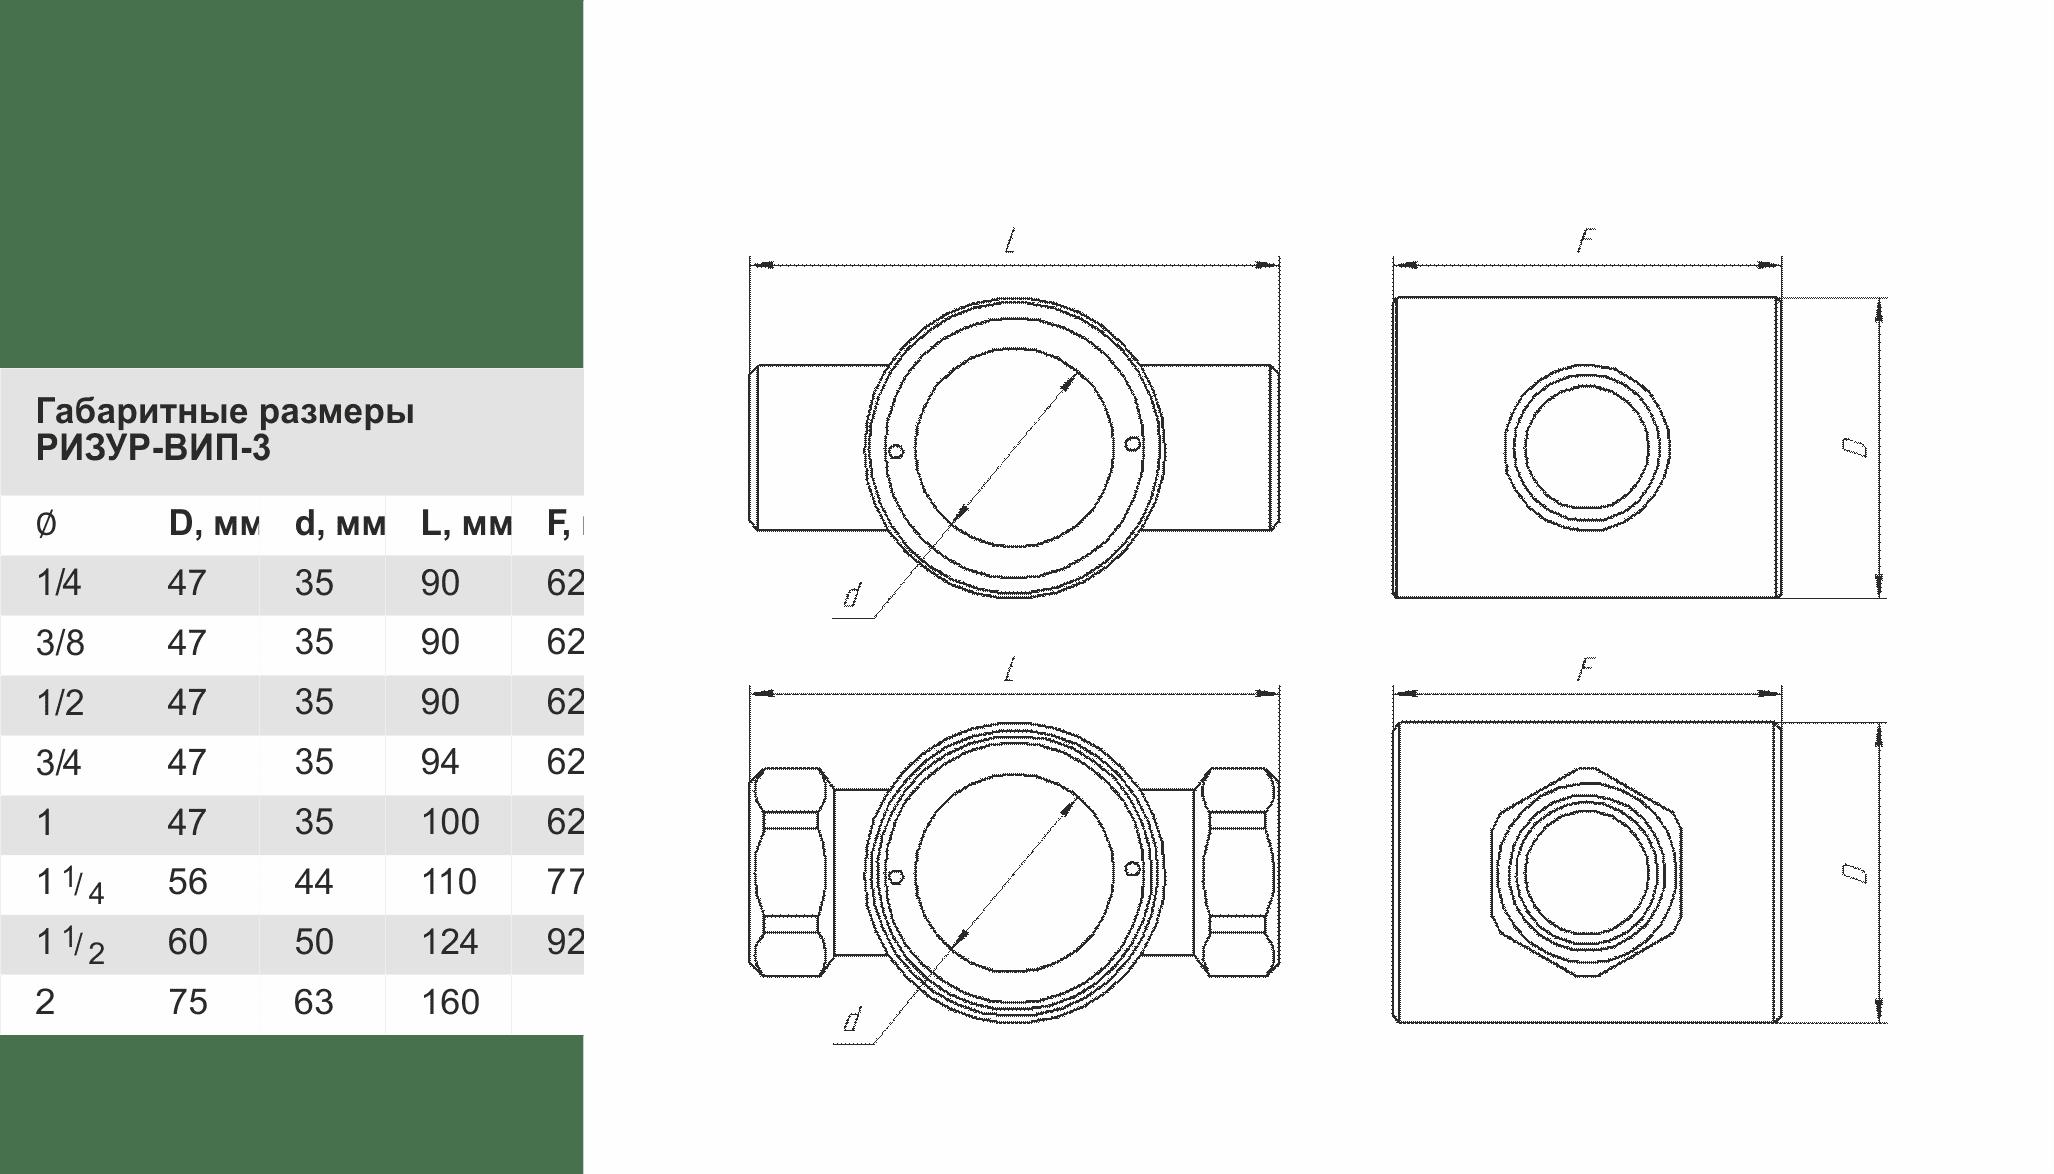 Габаритные размеры РИЗУР-ВИП-3